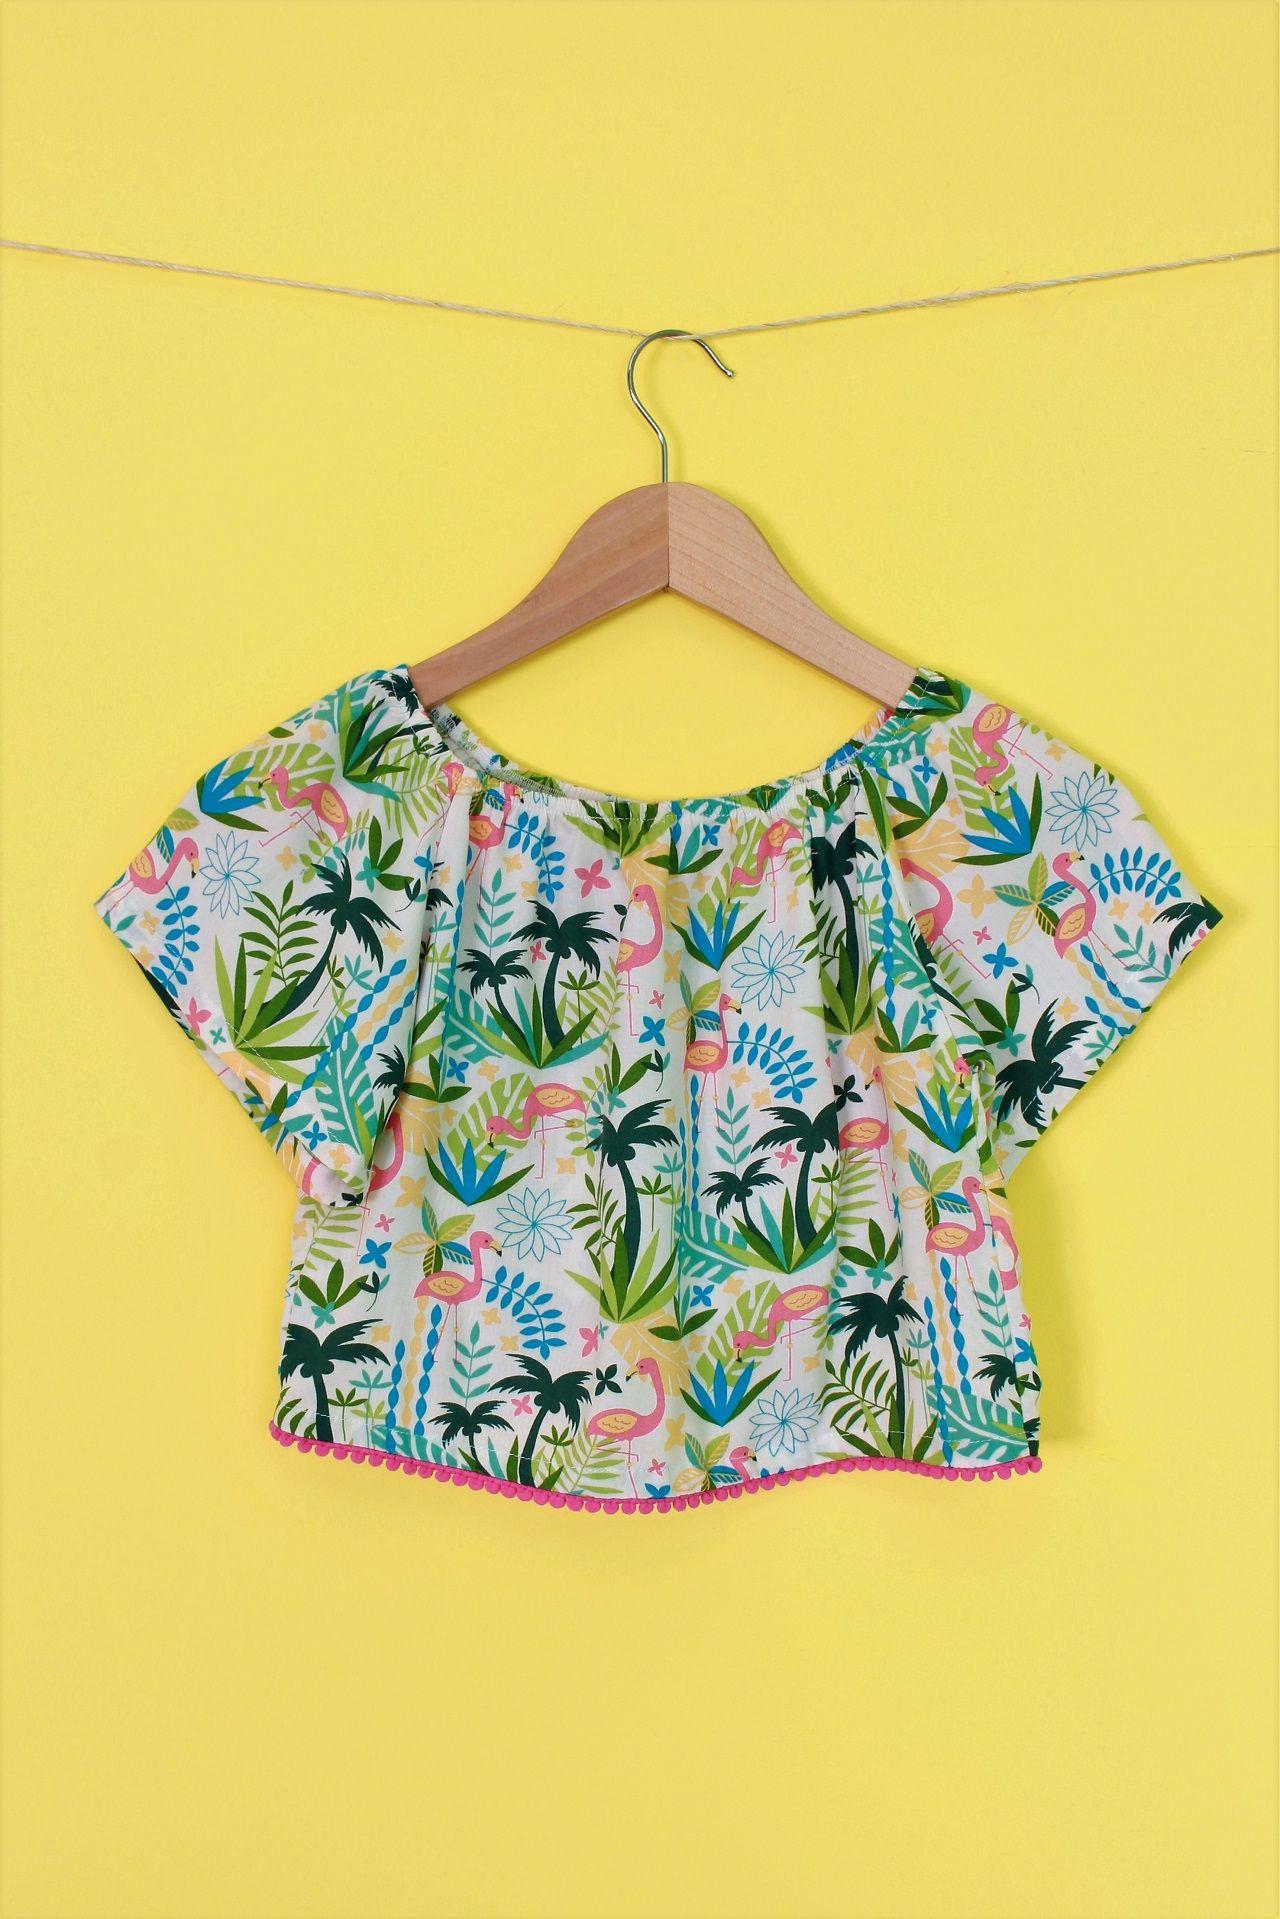 fb89668712 Blusa ciganinha infantil de viscose nos tamanhos 2 a 10. Compras na lojinha  online www